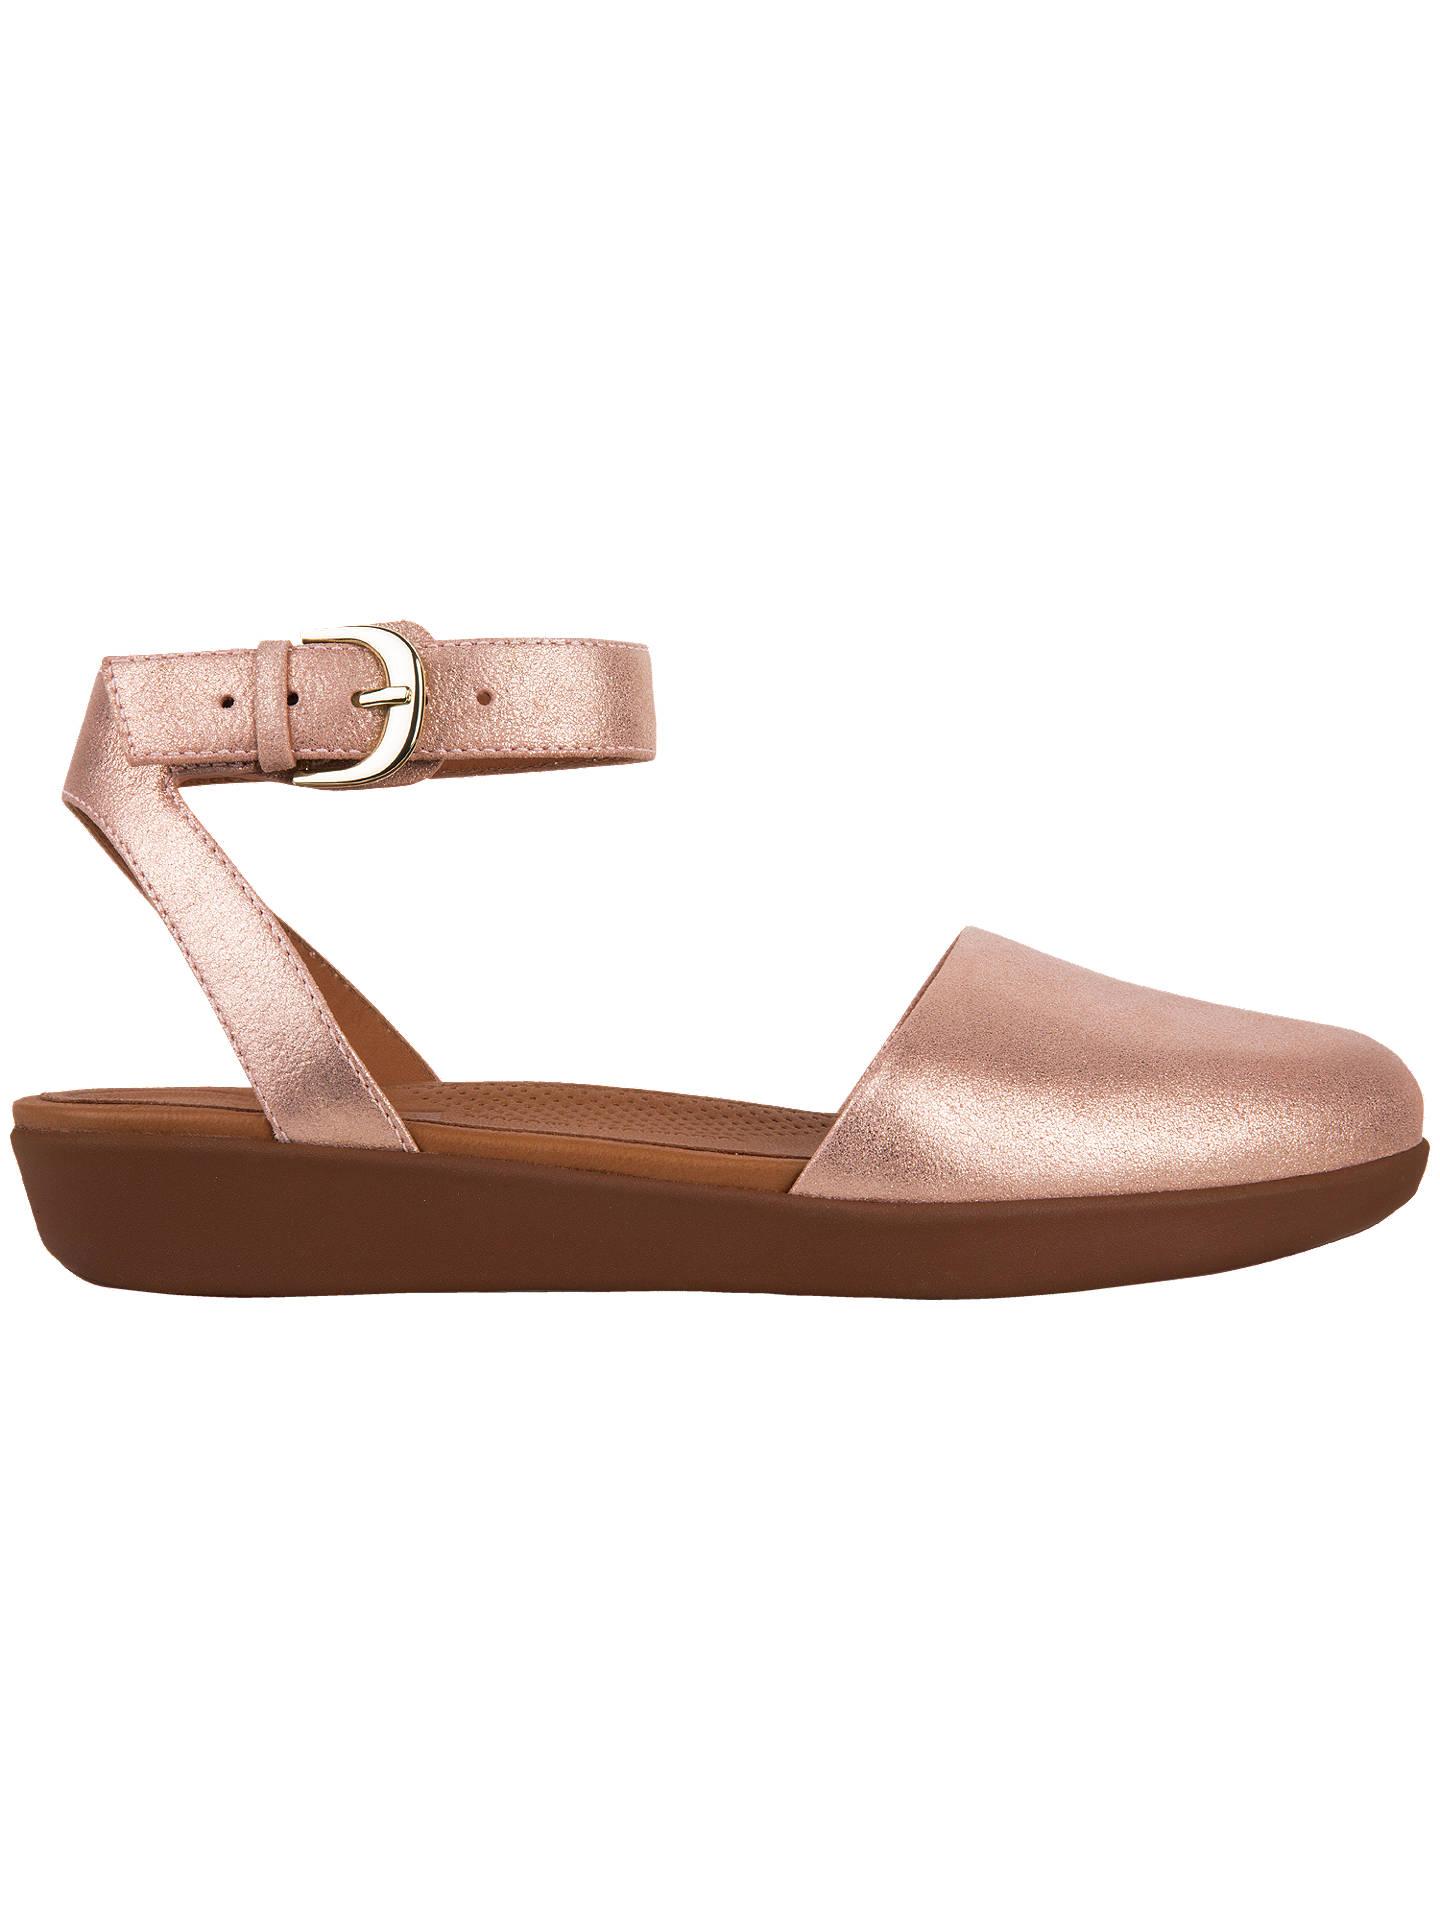 ec8314be6e10c0 Buy FitFlop Cova Closed Toe Sandals